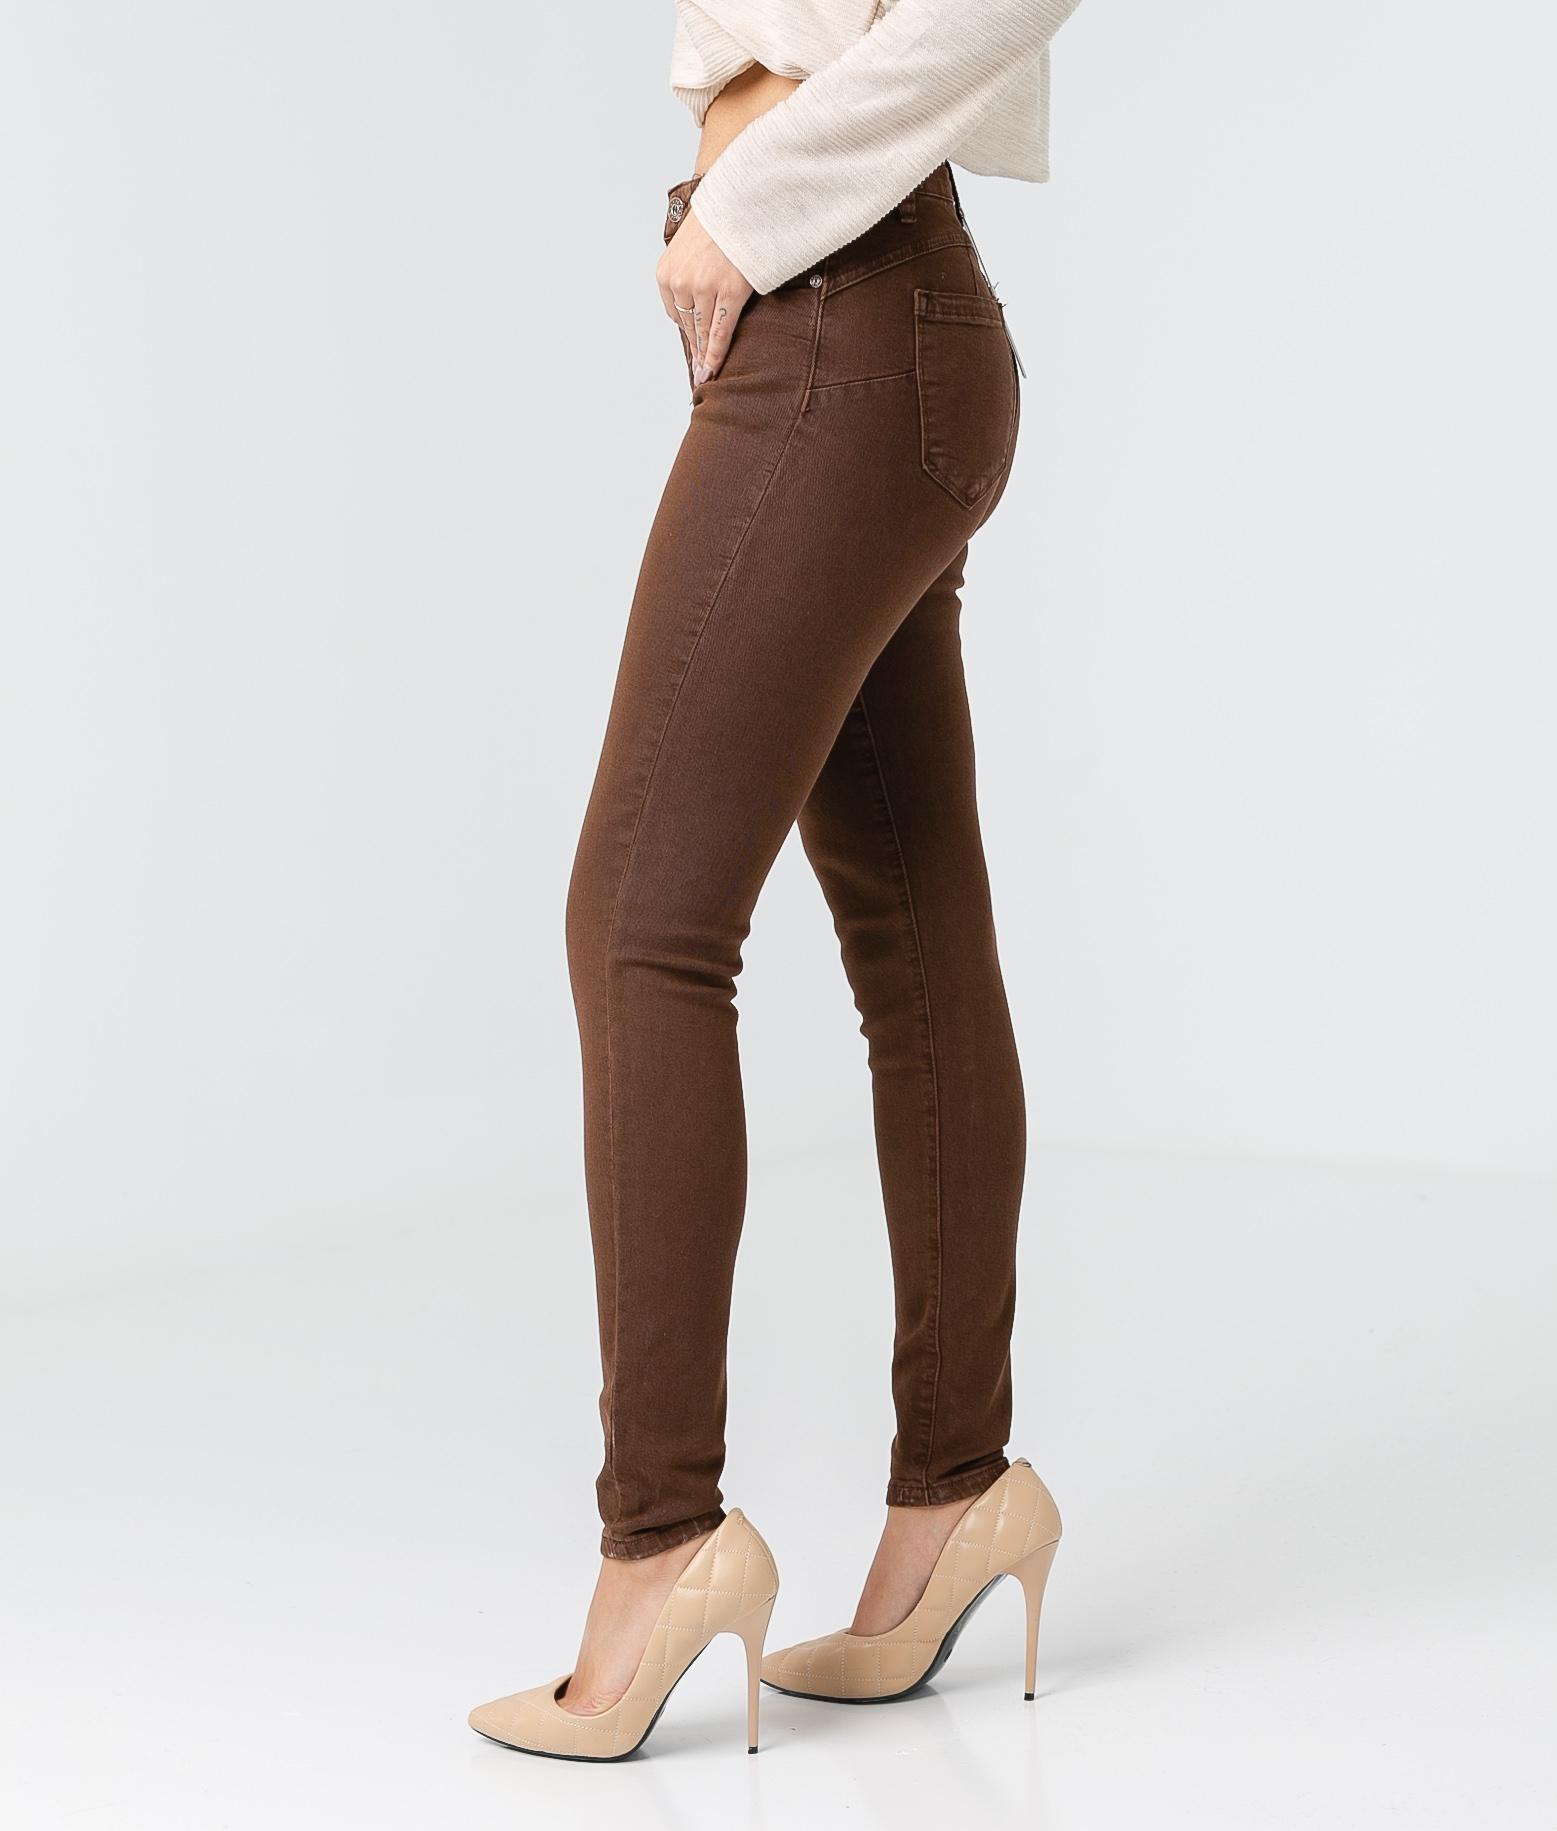 Pantalón Clatus - Brown